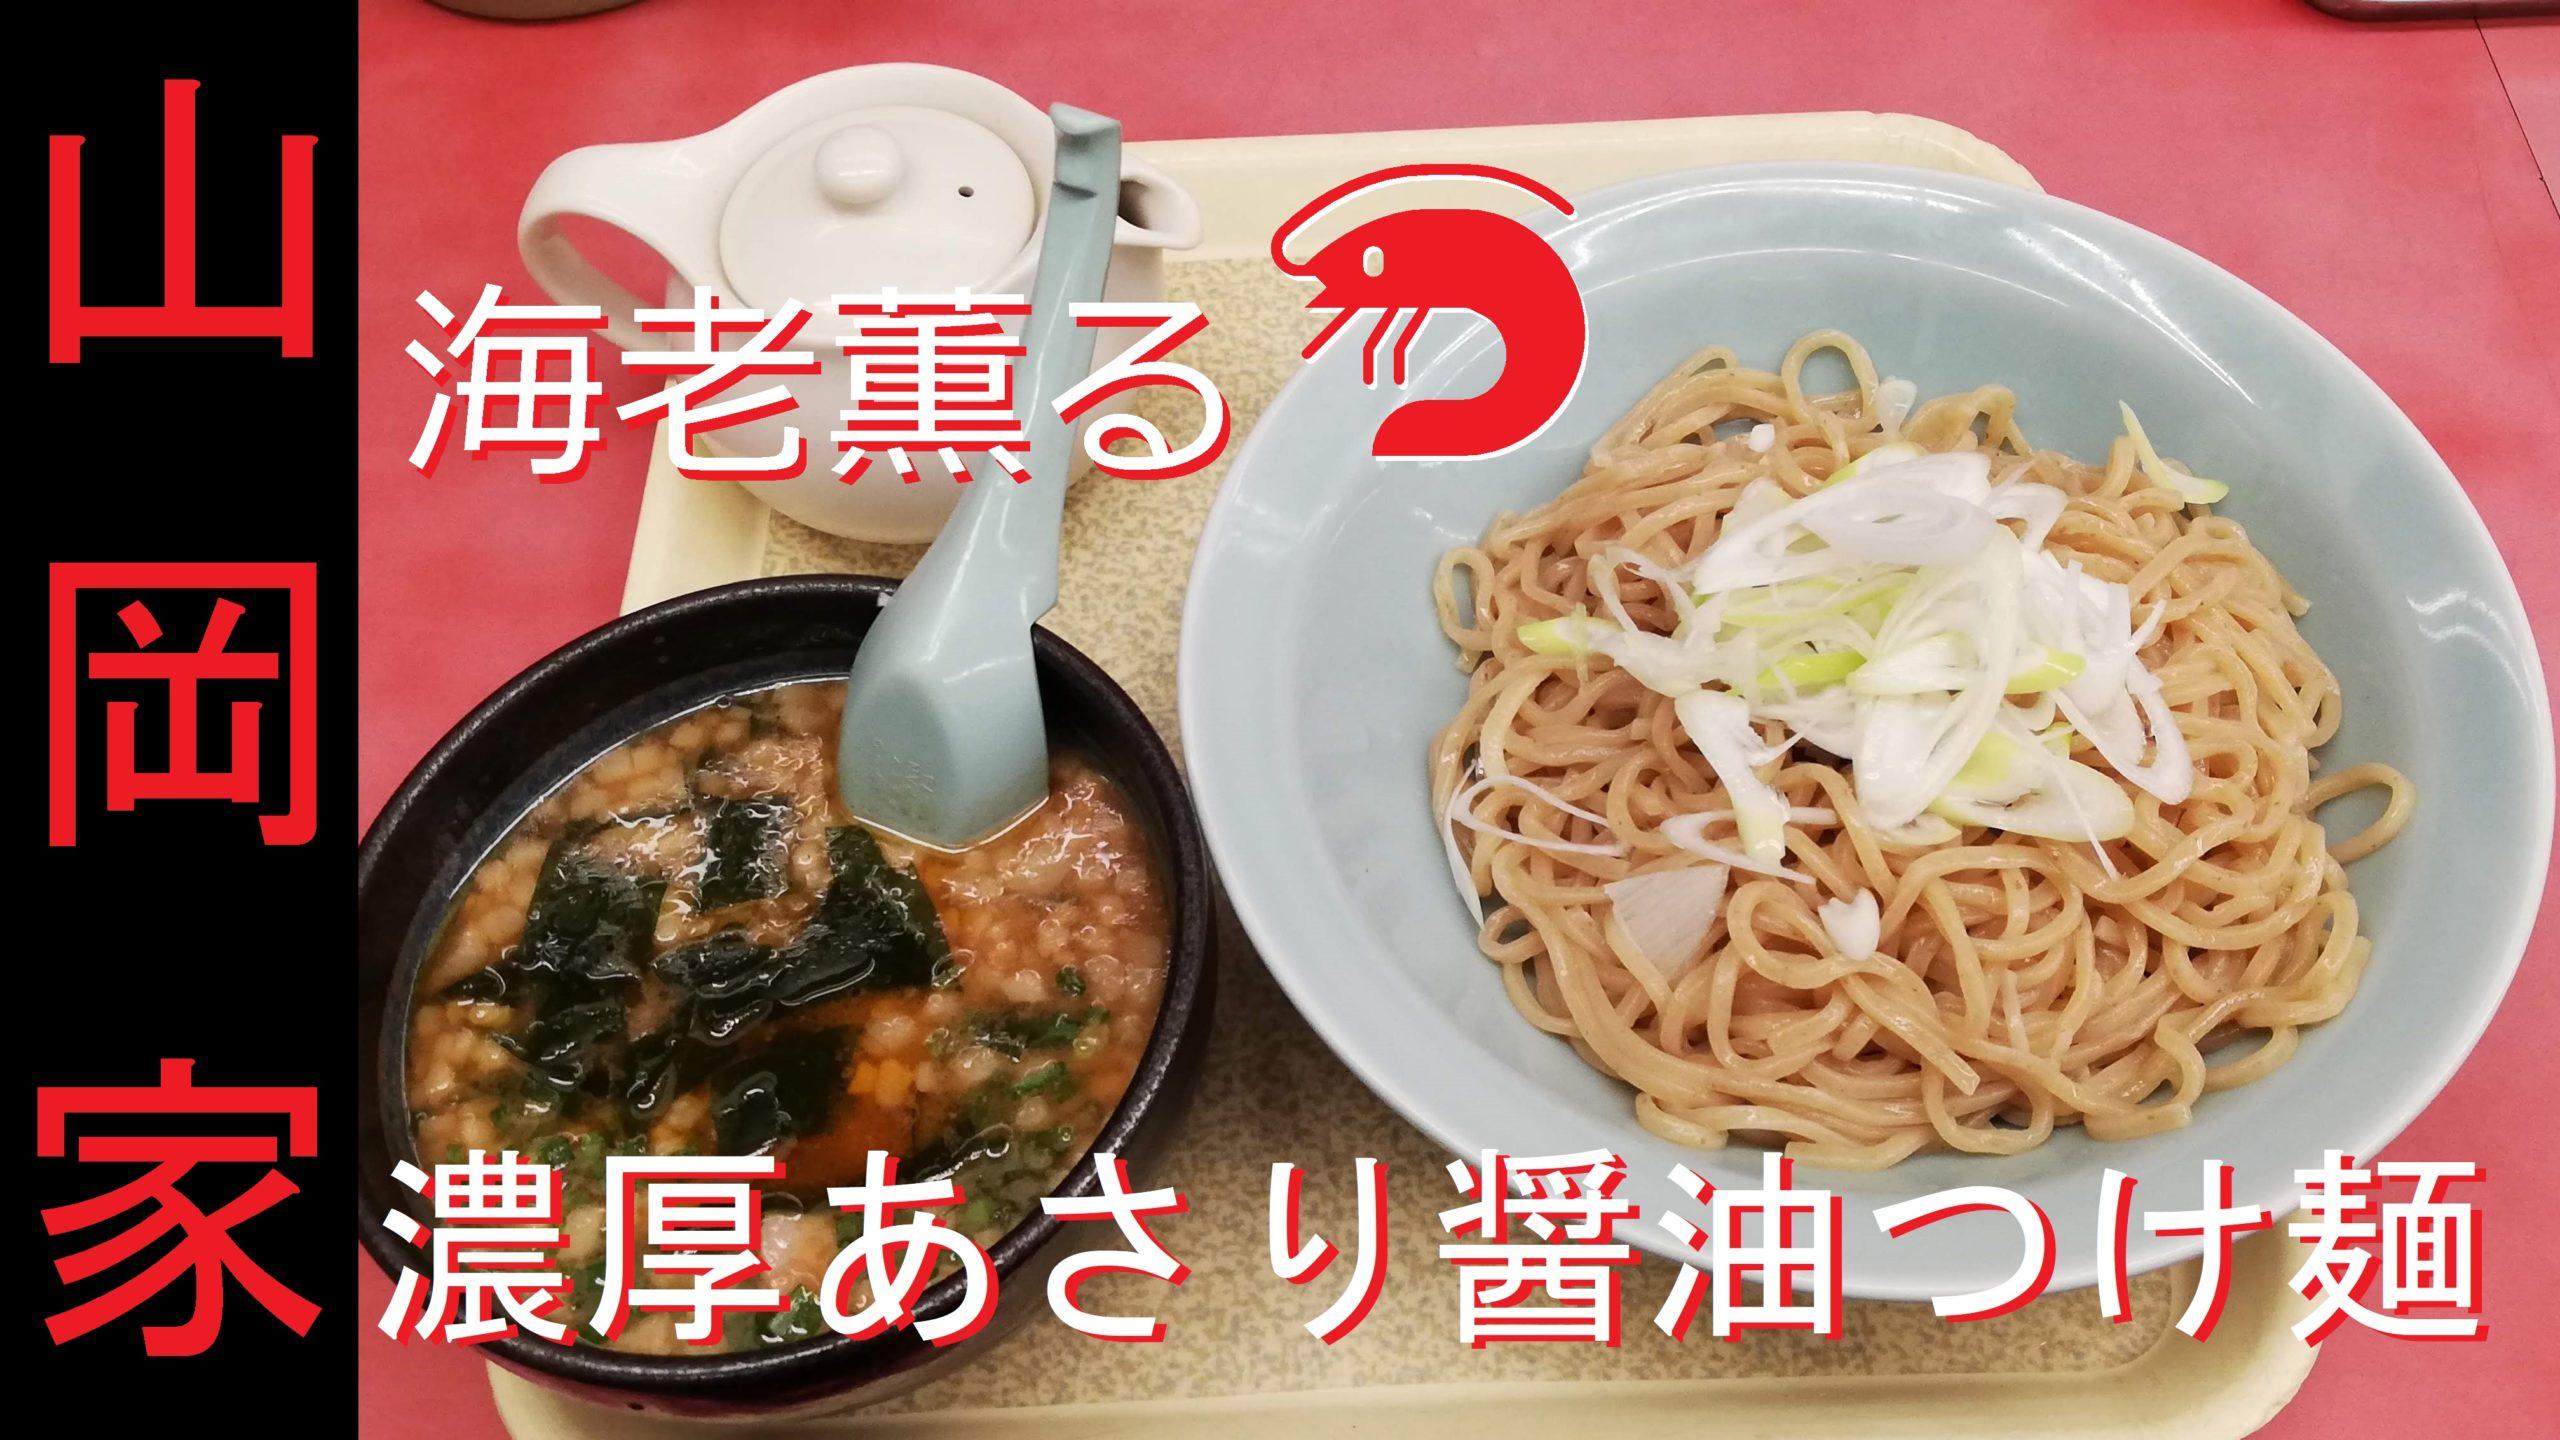 山岡家、海老薫る濃厚あさりつけ麺のアイキャッチ画像